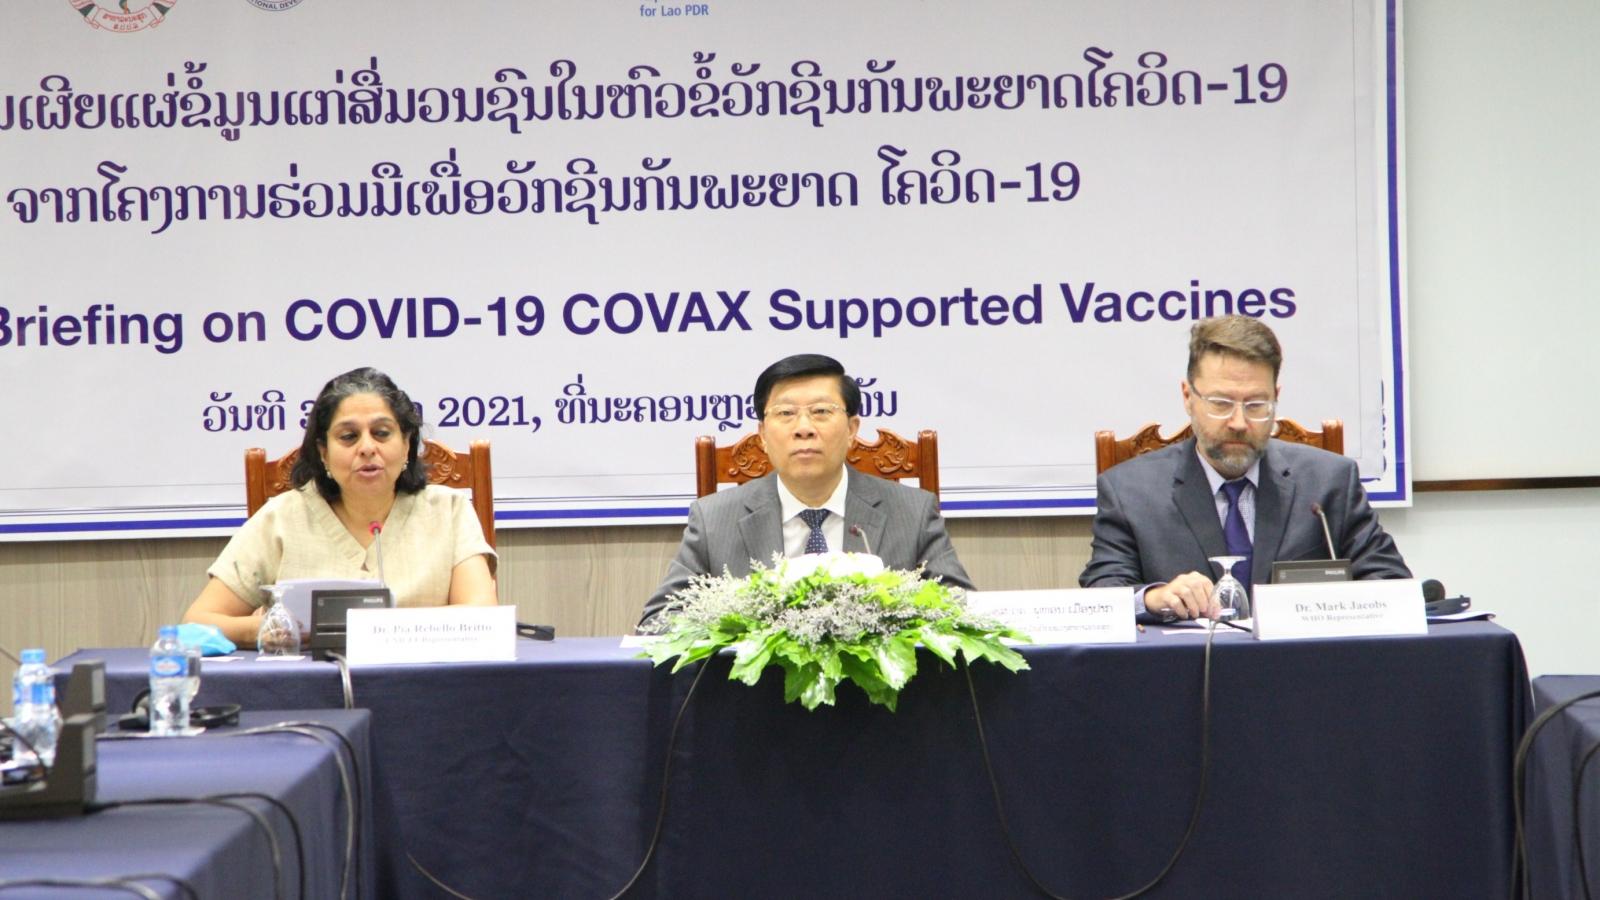 Lào đẩy mạnh truyền thông về việc sử dụng vaccine phòng chống Covid-19